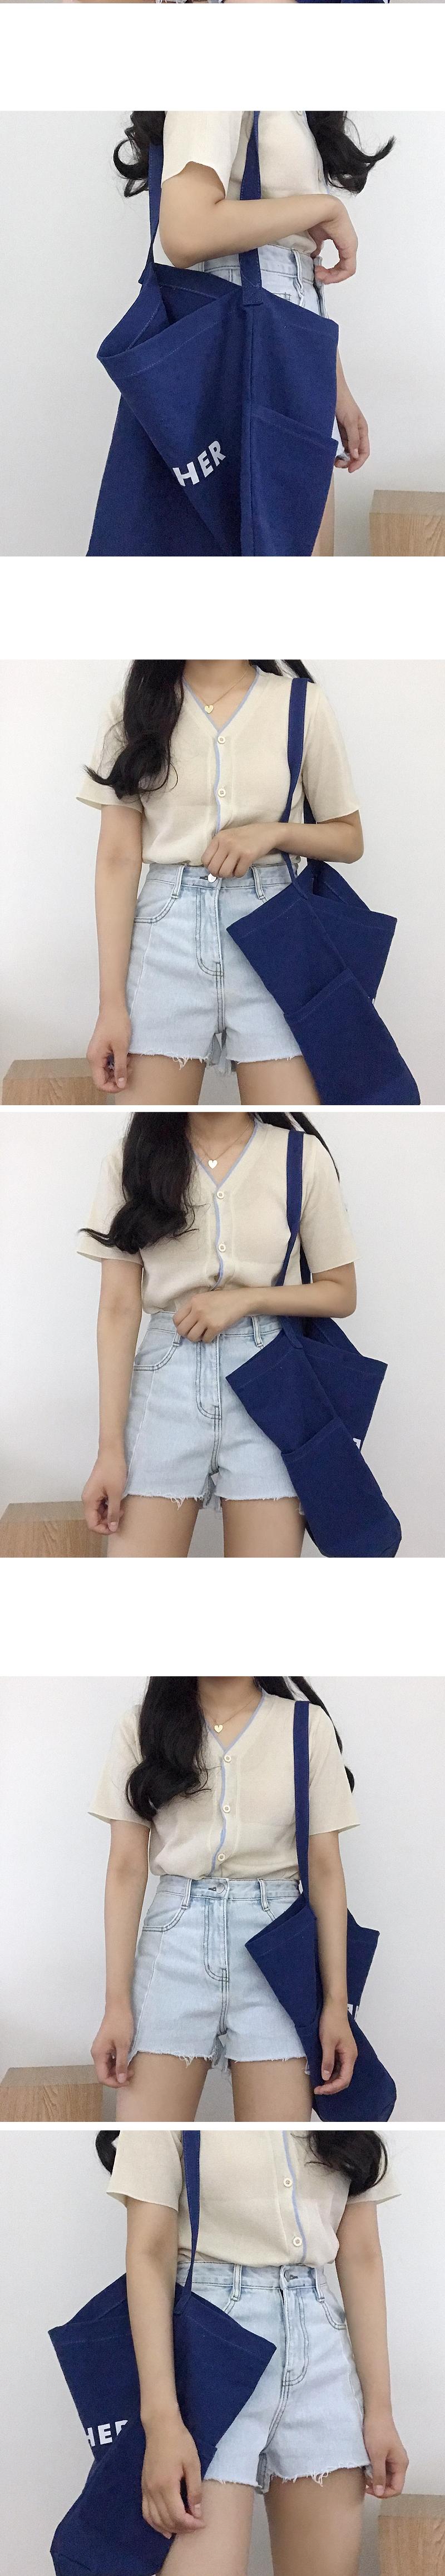 Soft V-neck color cardigan